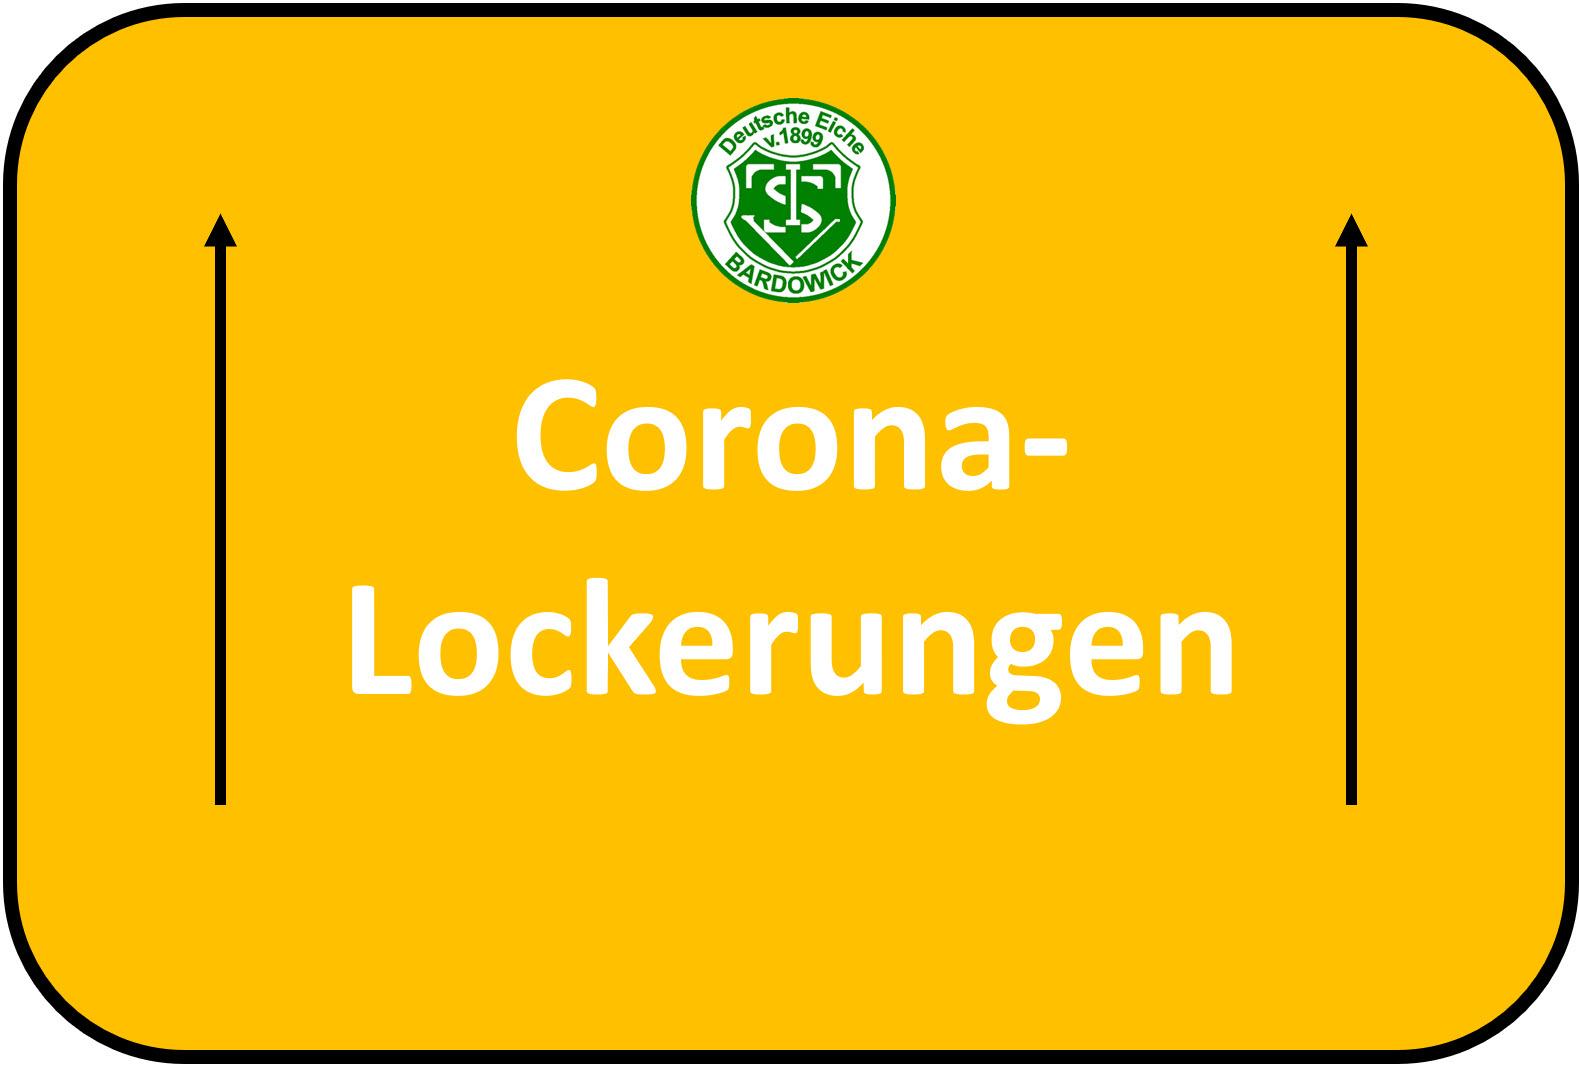 Lockerungen nach Corona-Lockdown